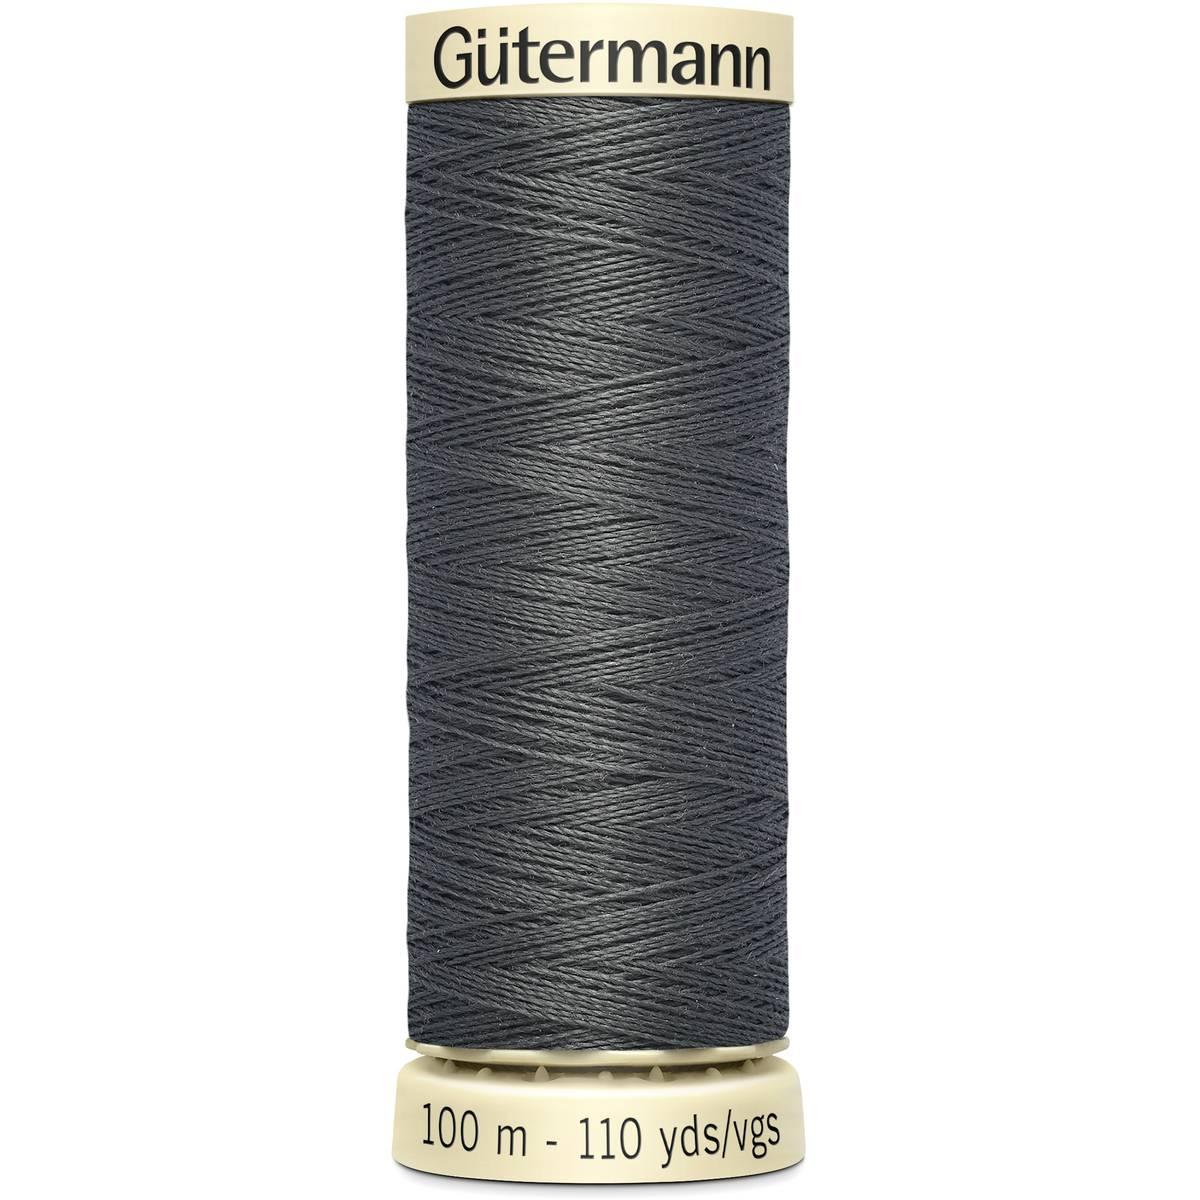 חוט תפירה גוטרמן - Grey 702